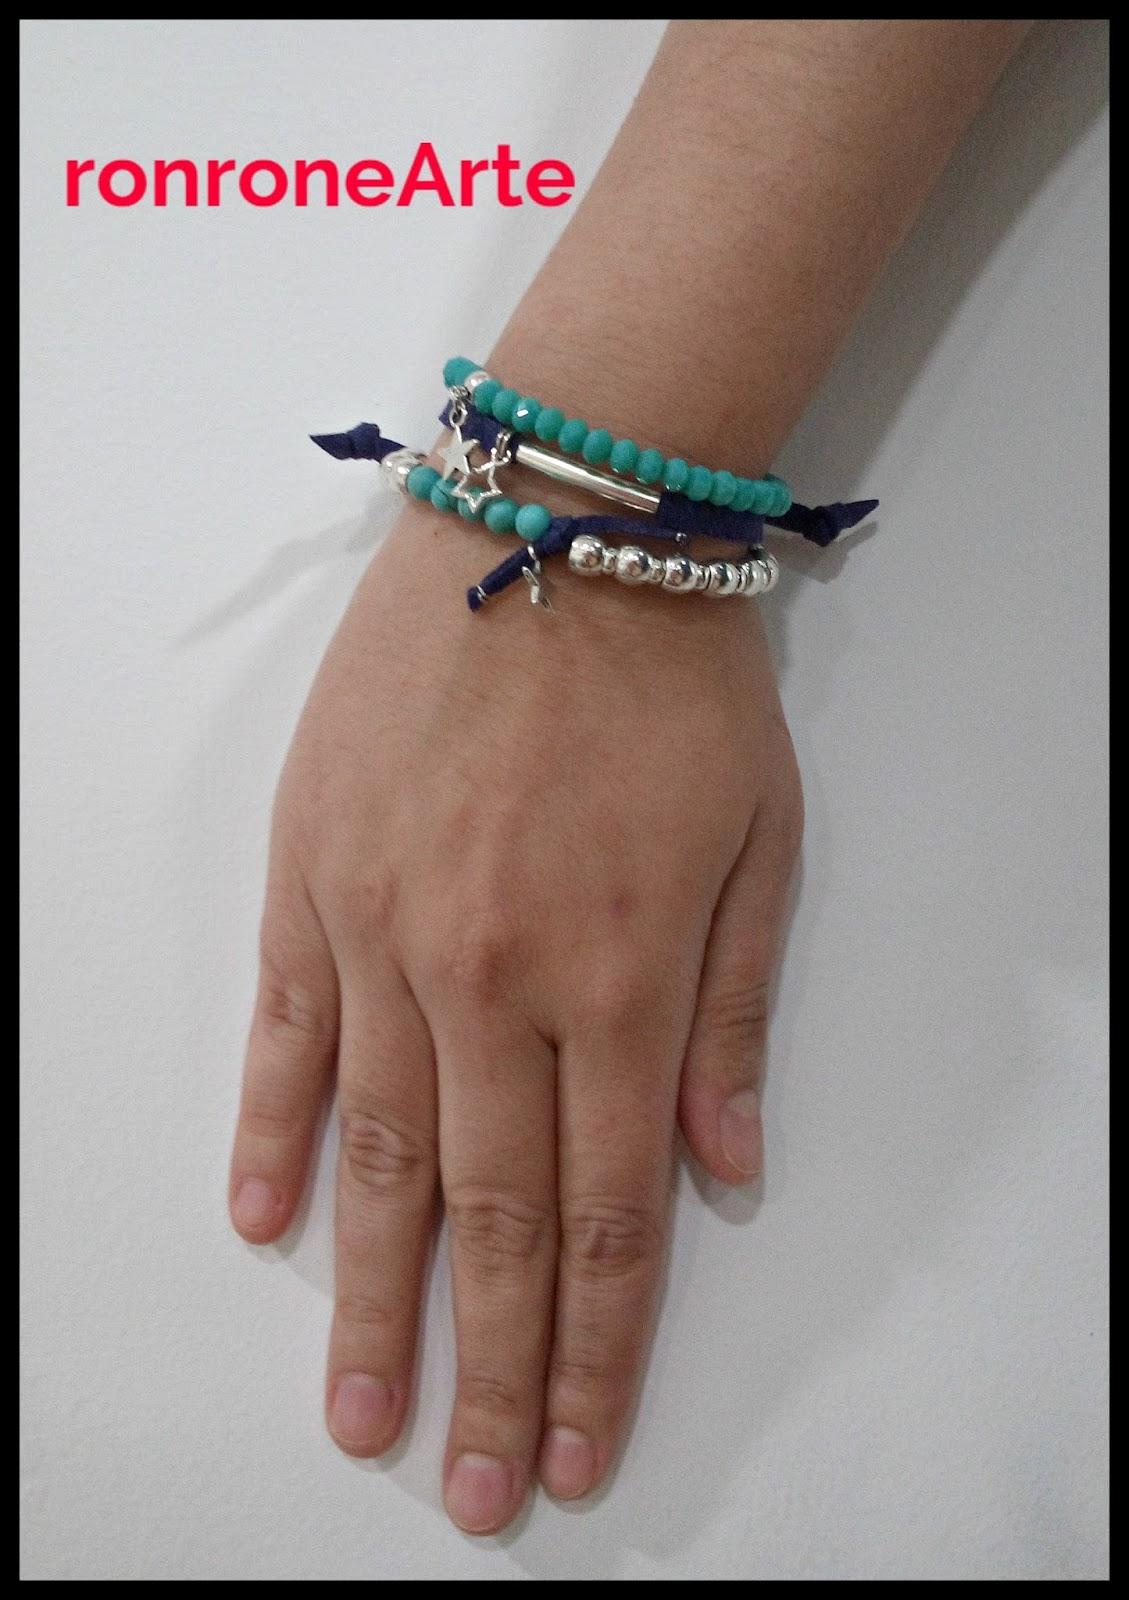 c5d520aebc14 Conjunto de pulsera de trapillo con charms de candado y llave a ...